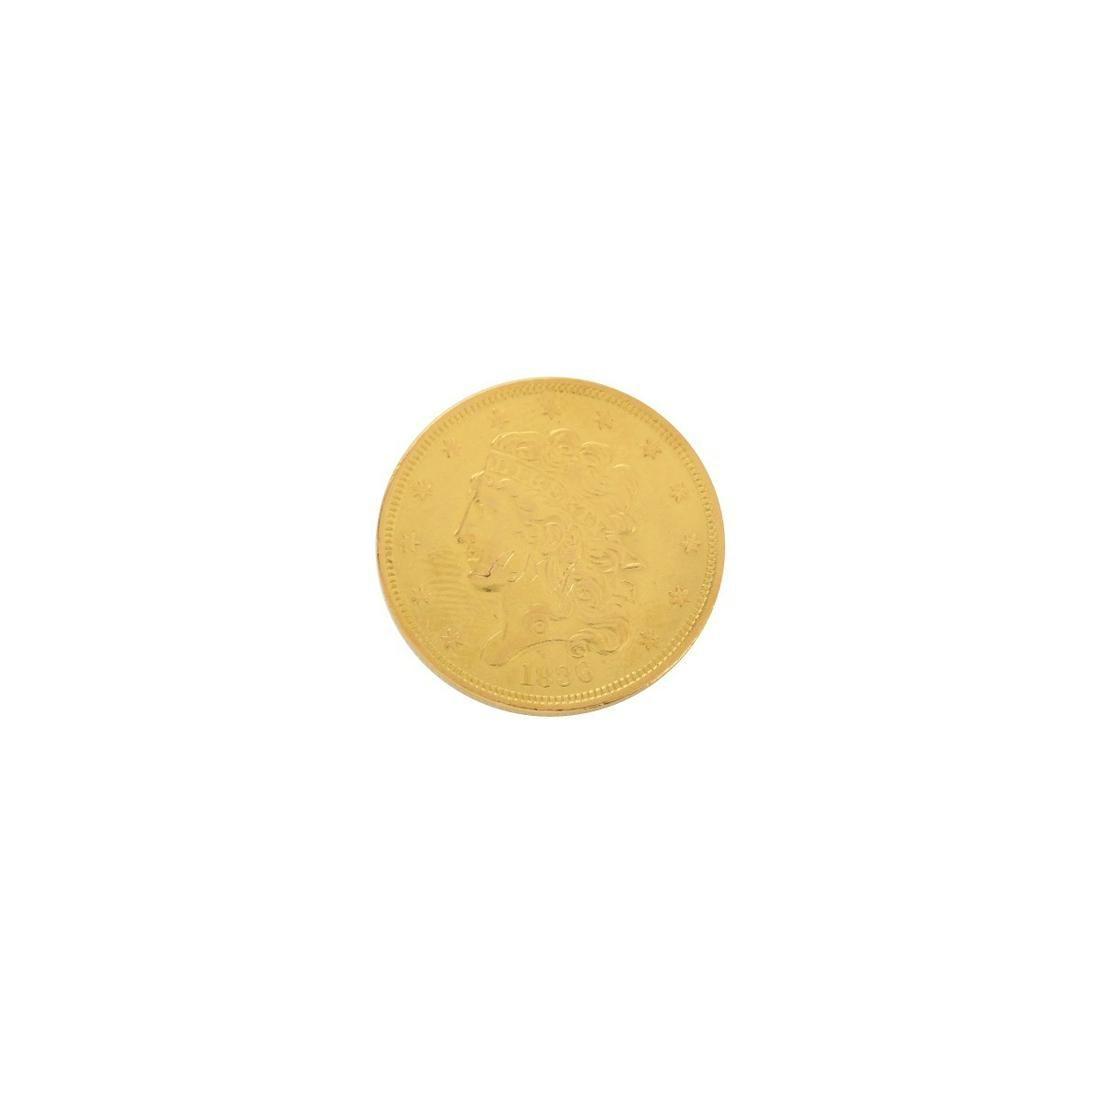 1836 US Gold Classic Head $5